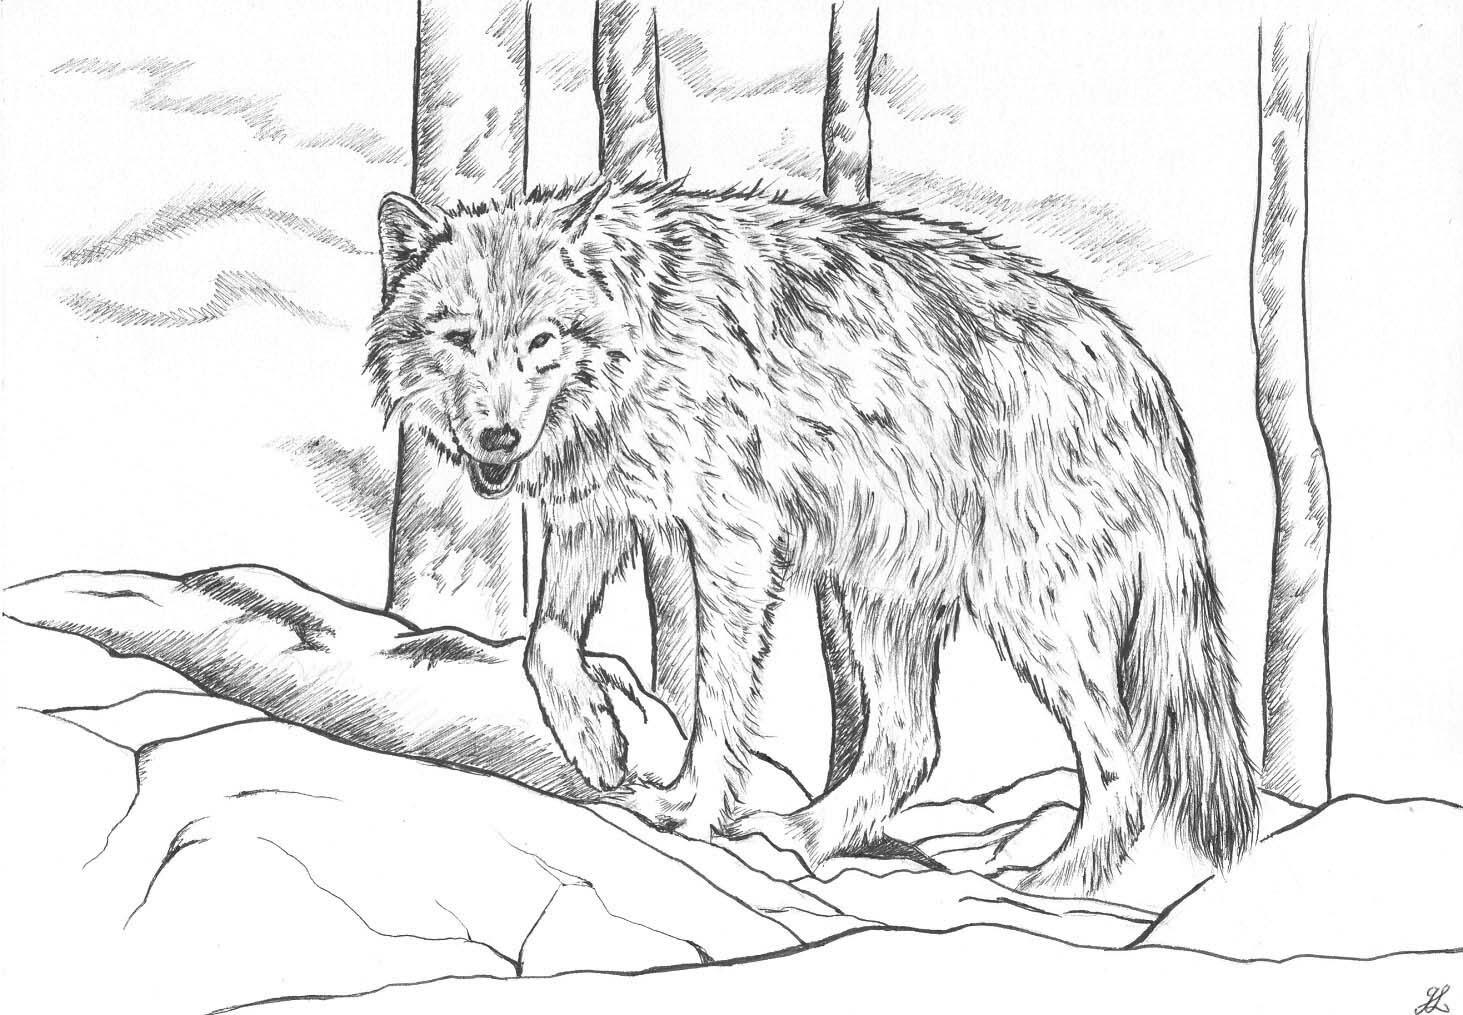 Coloriage Loup coloriage artistique loup Dessin feutre loup